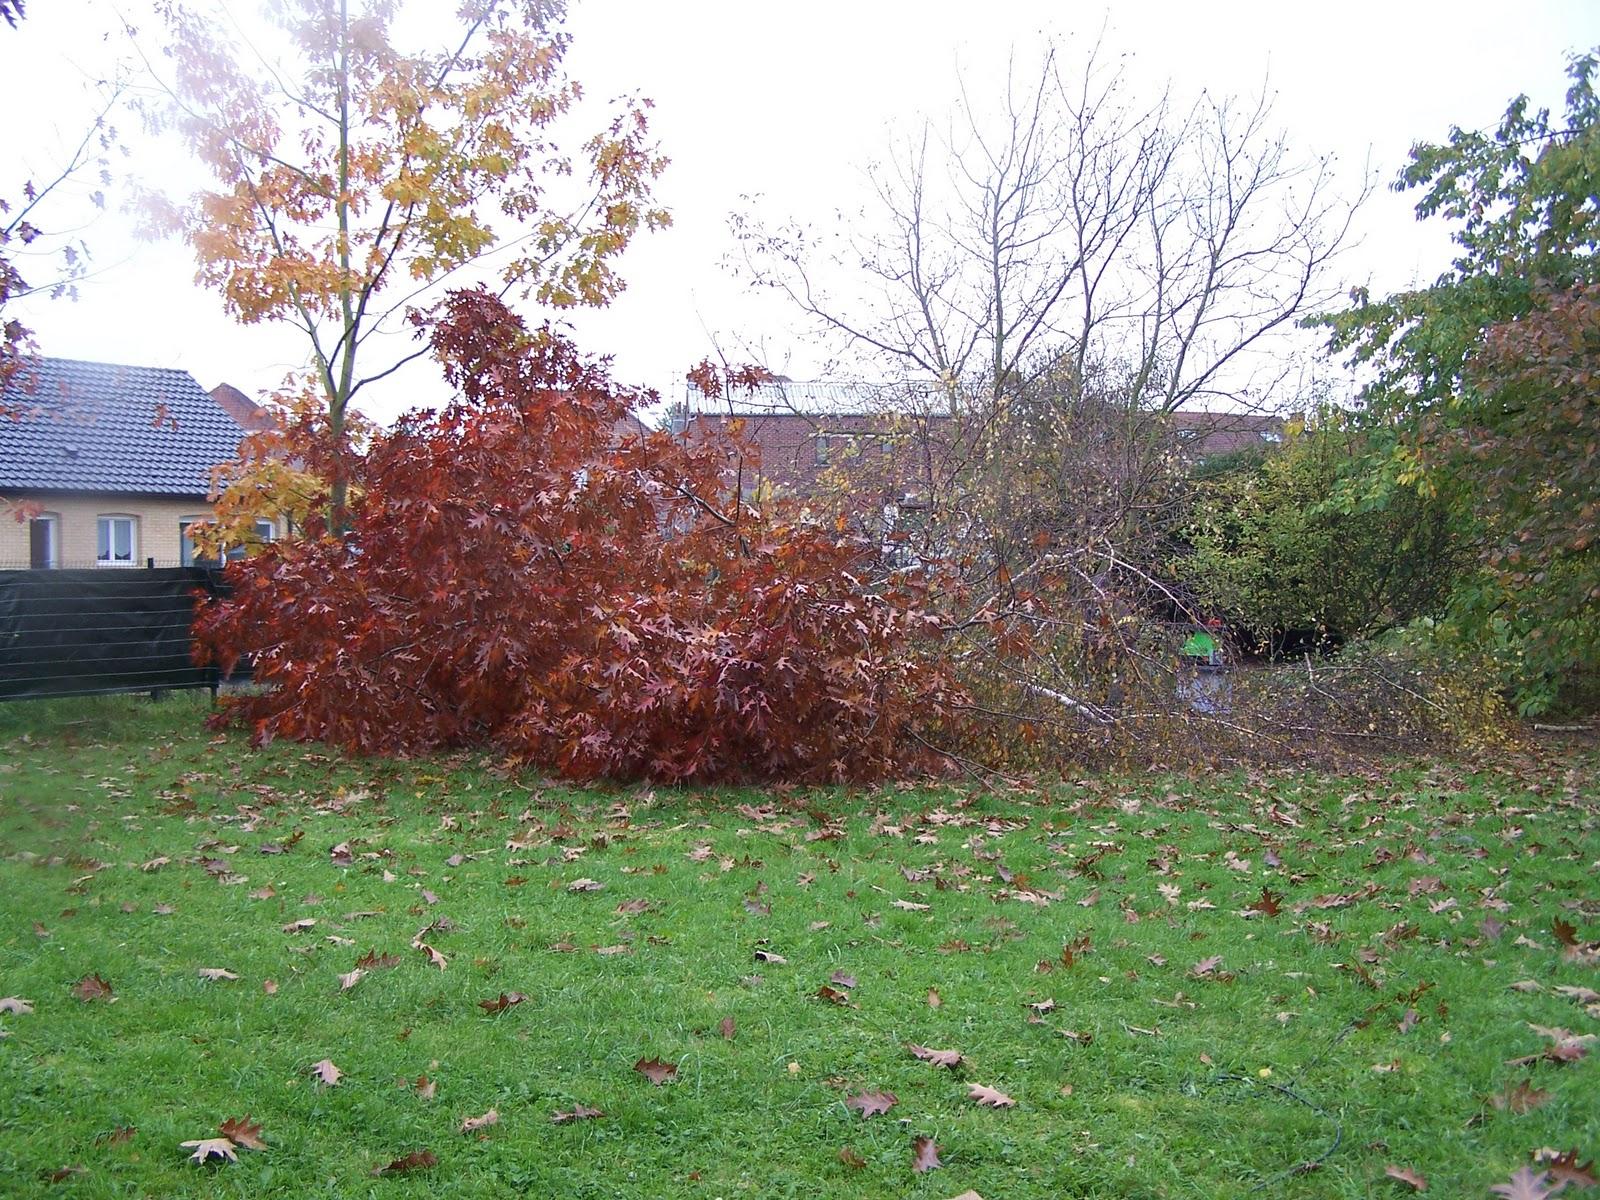 ecolo bio nature permaculture urbaine et jardinage bio objectif abattre des arbres 1 re. Black Bedroom Furniture Sets. Home Design Ideas